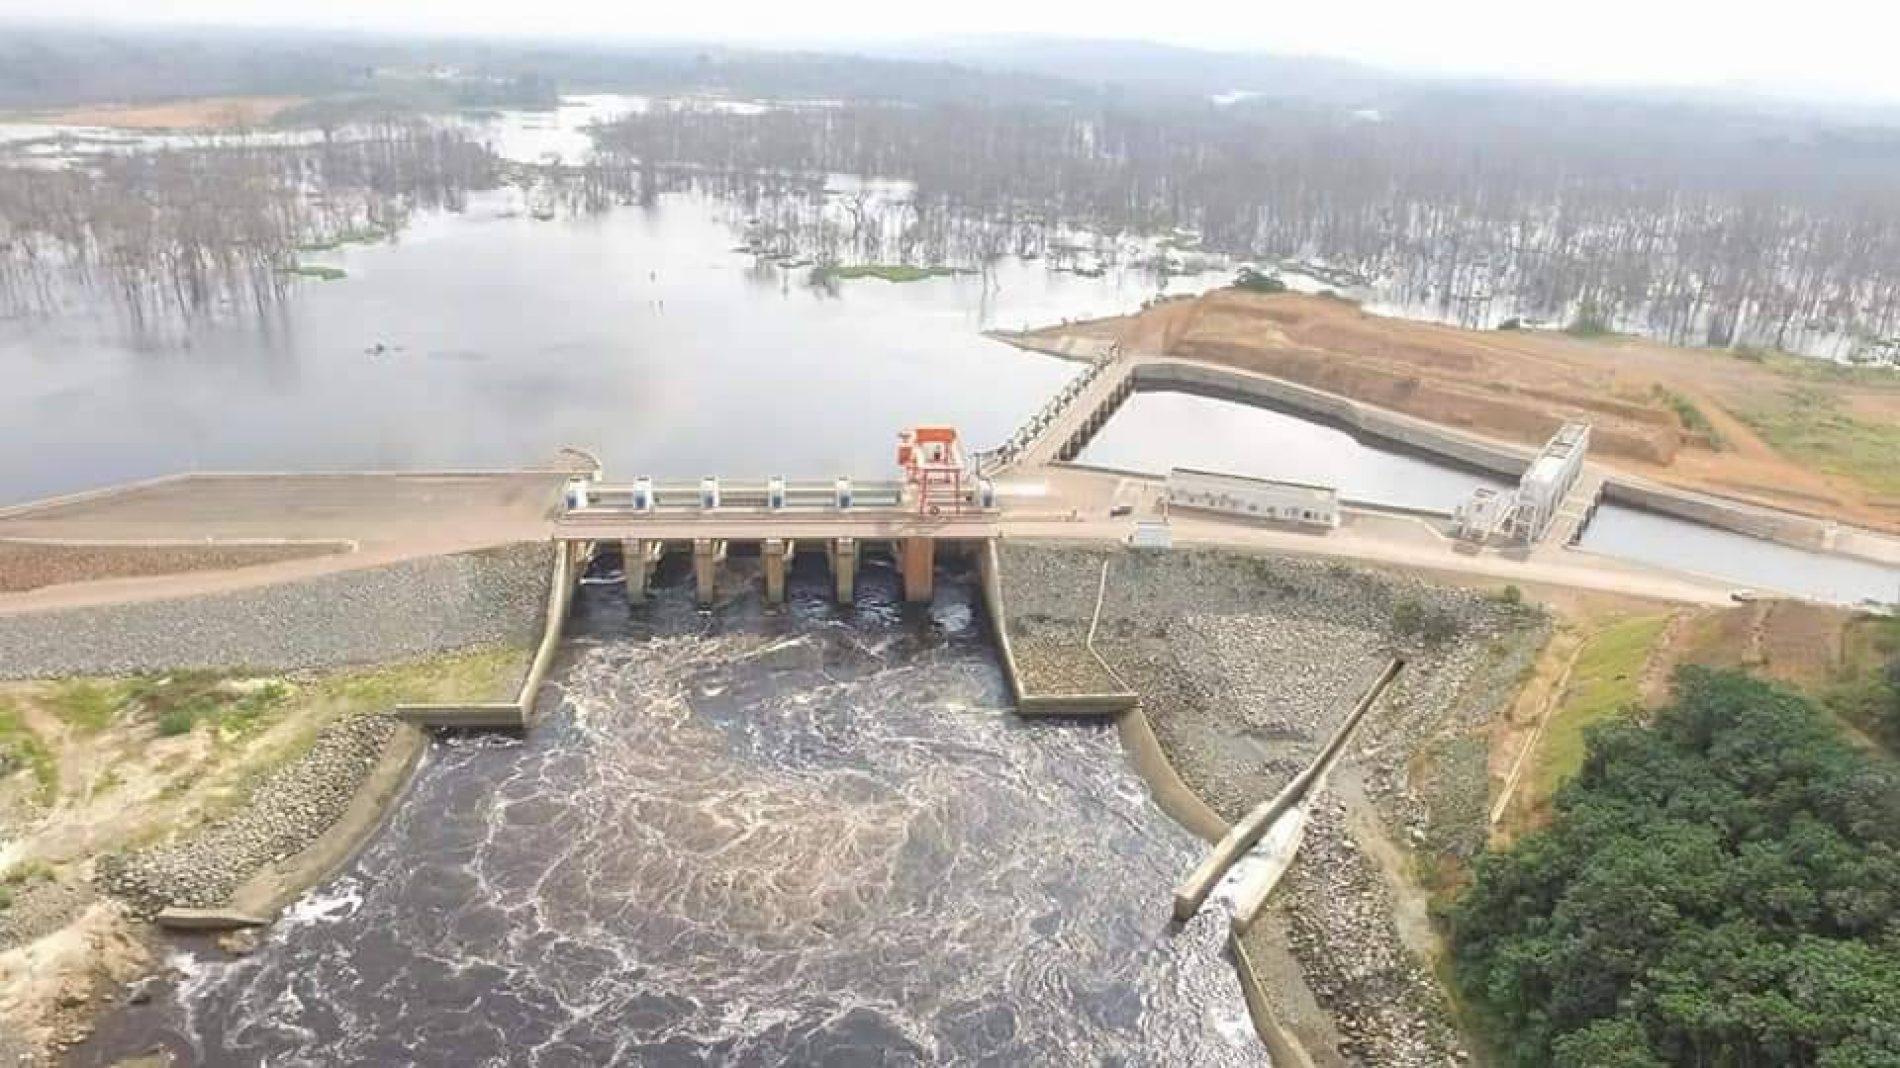 Le barrage hydroélectrique de Memve'ele : le pari du développement local